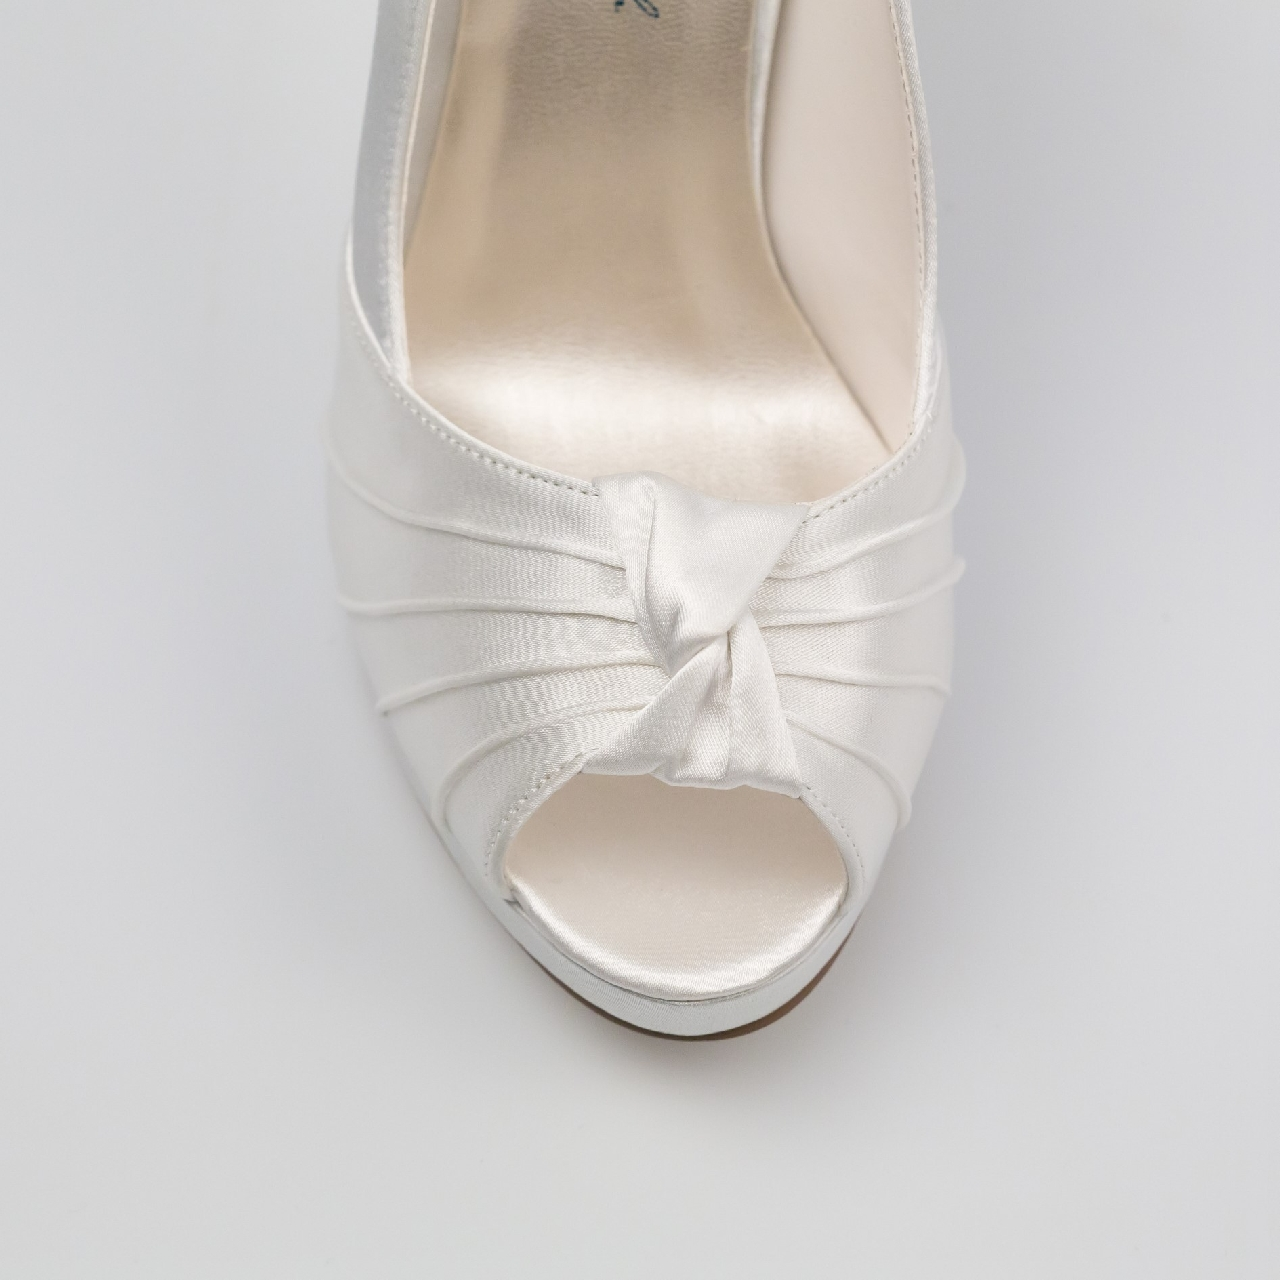 Esküvői Cipő menyasszonyi ruha: Gina